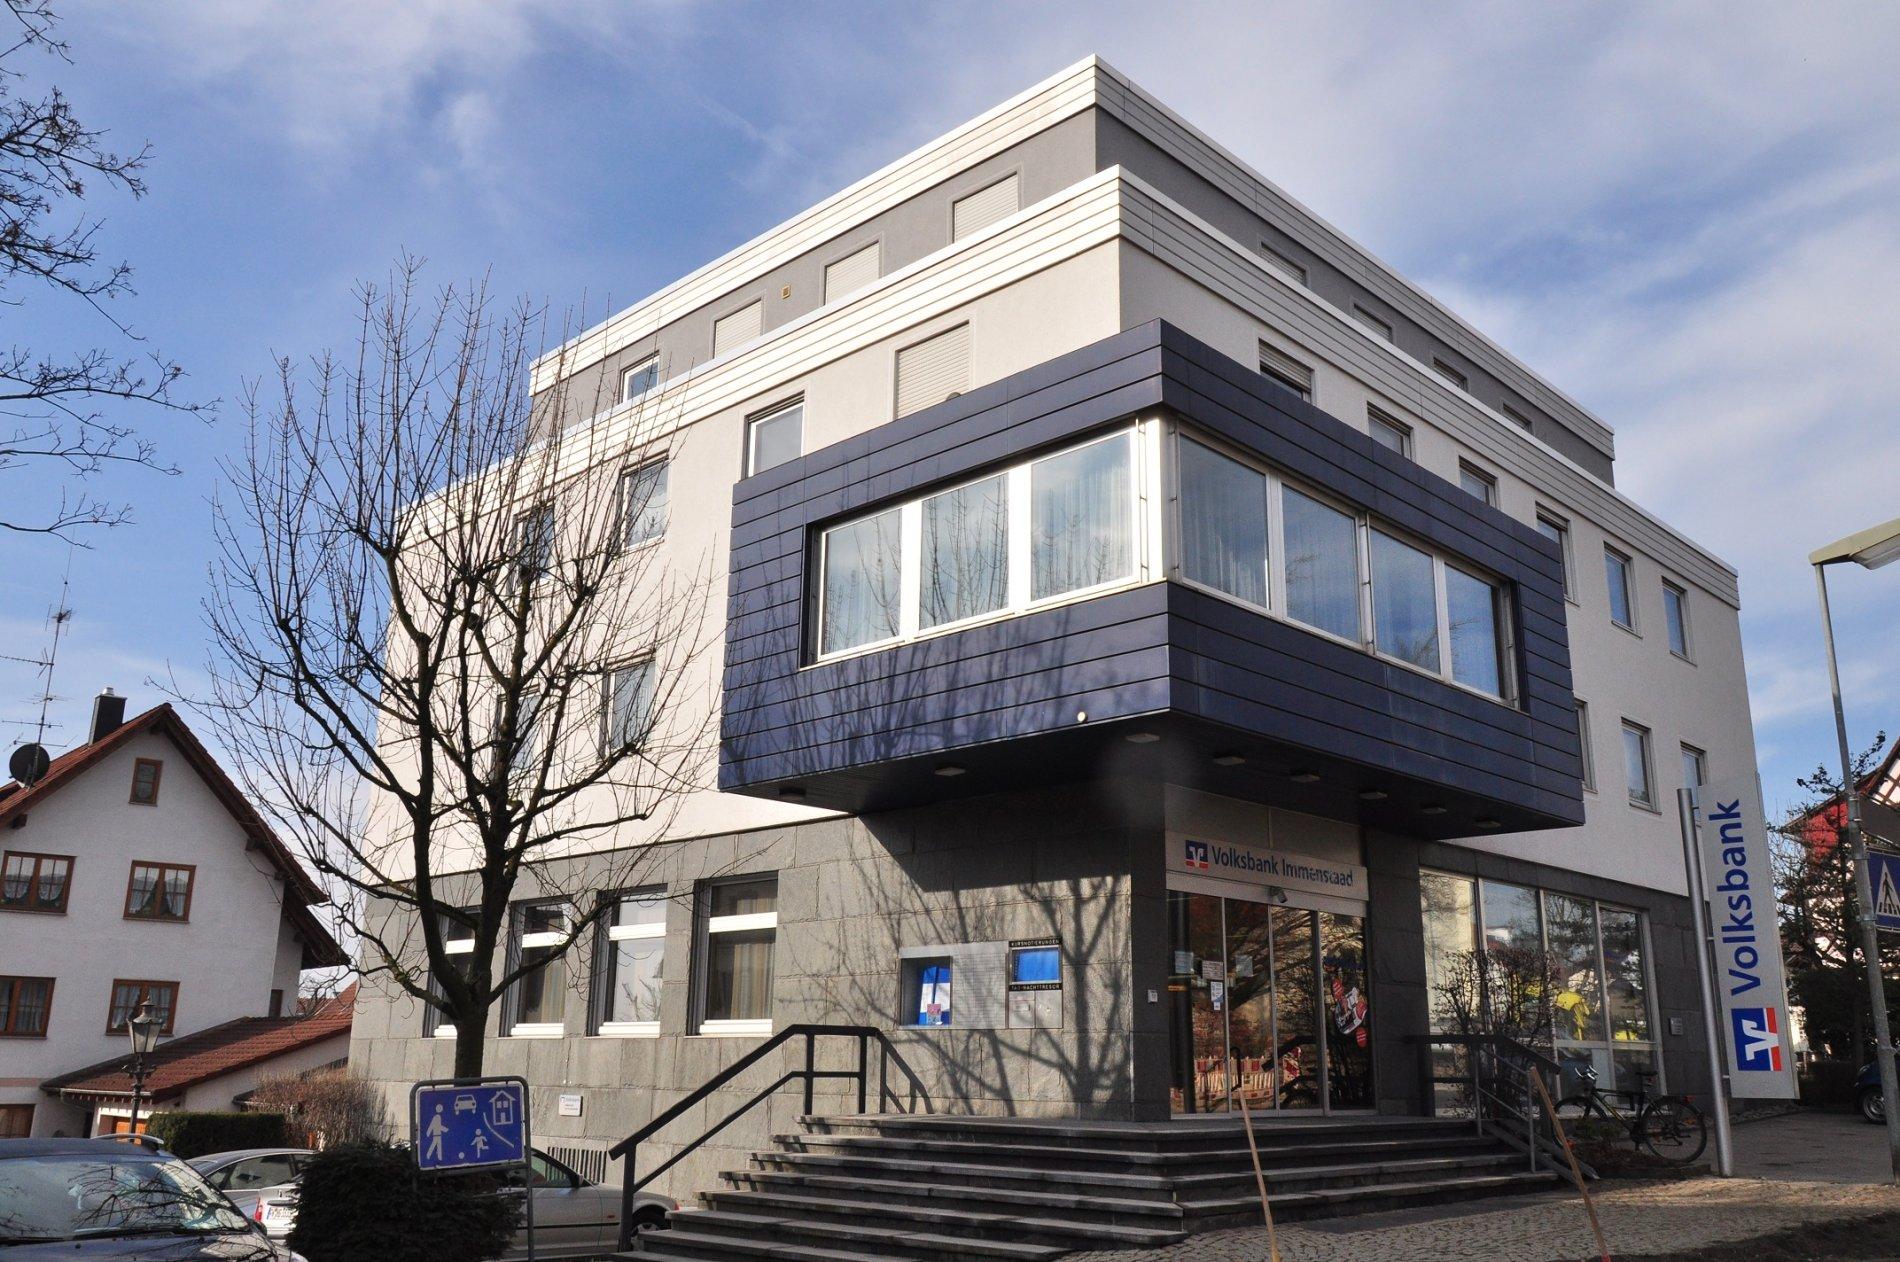 Volksbank Standort Immenstaad